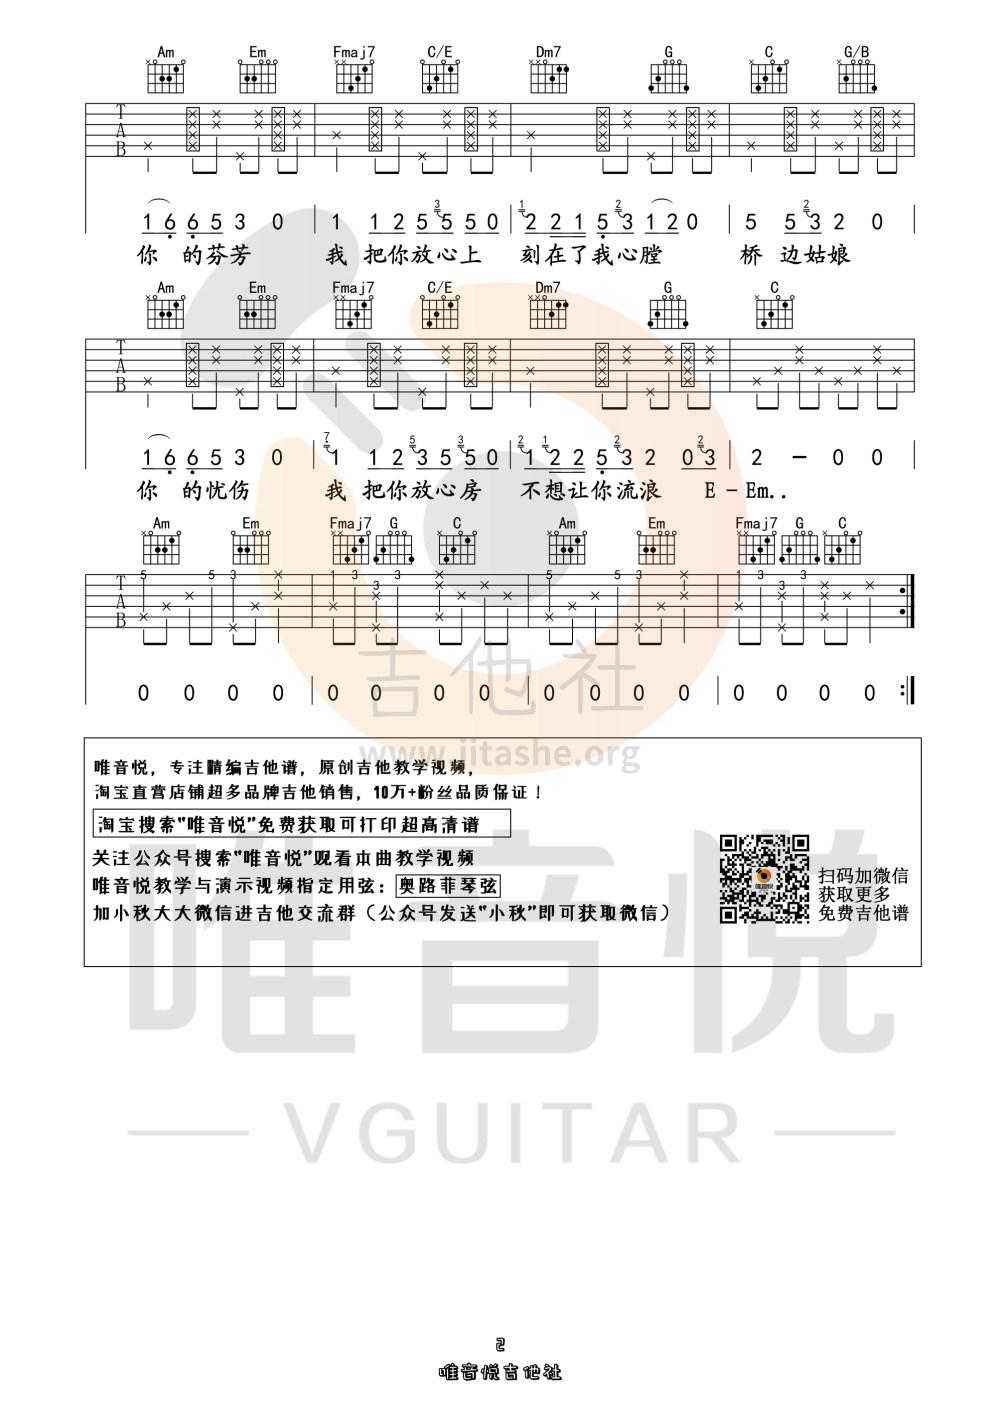 桥边姑娘 (原版简单吉他谱 唯音悦制谱)吉他谱(图片谱,唯音悦,弹唱,简单版)_MC海伦_桥边姑娘02.jpg